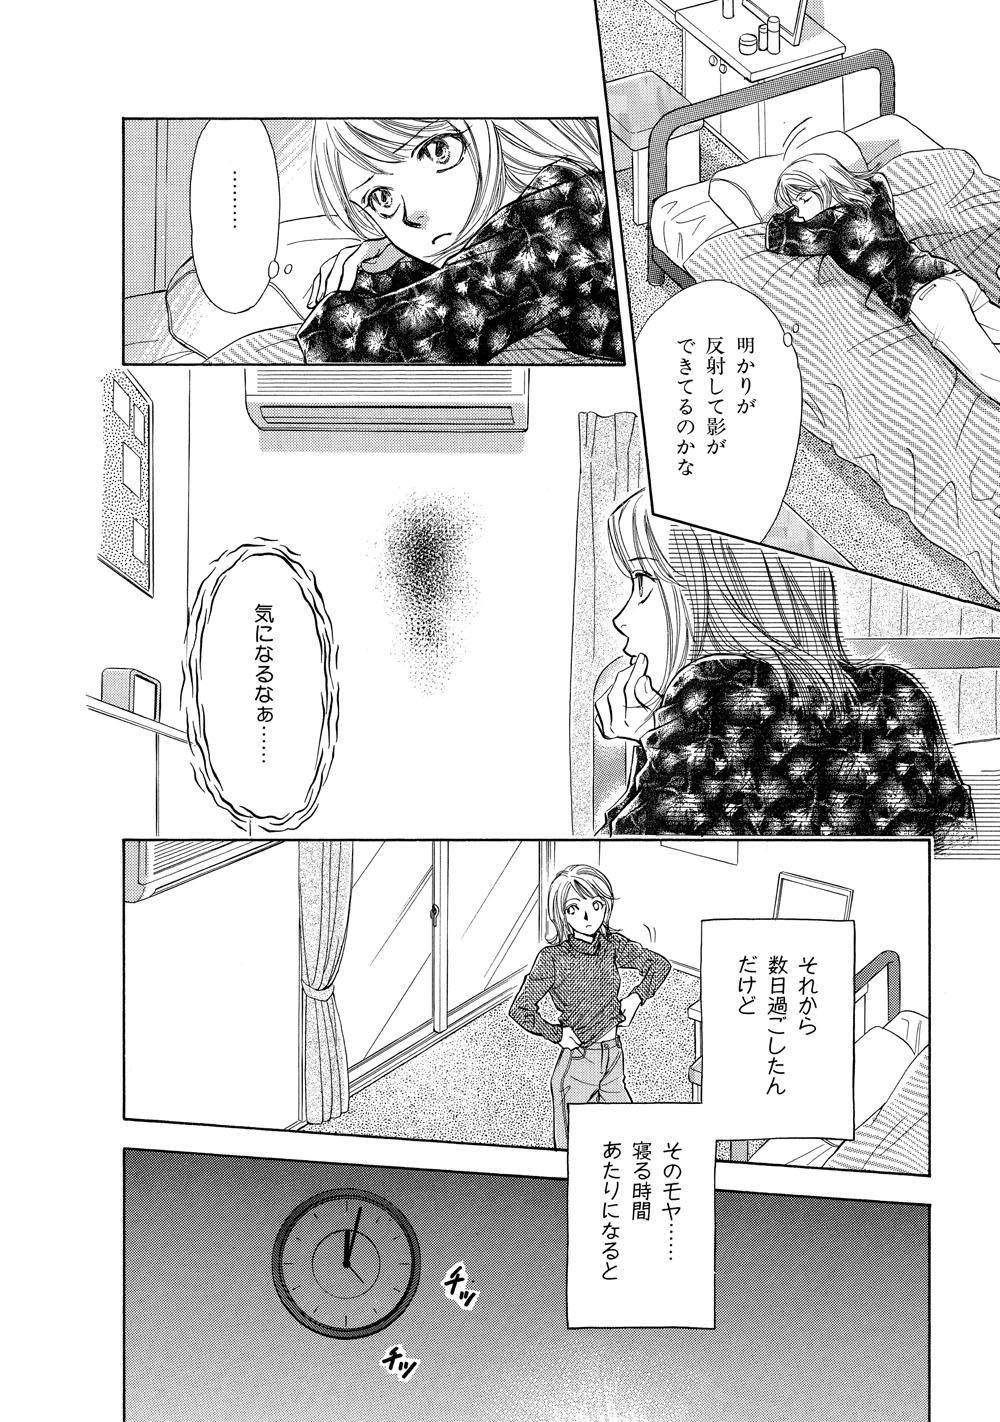 テレビ版_ほん怖_288.jpg